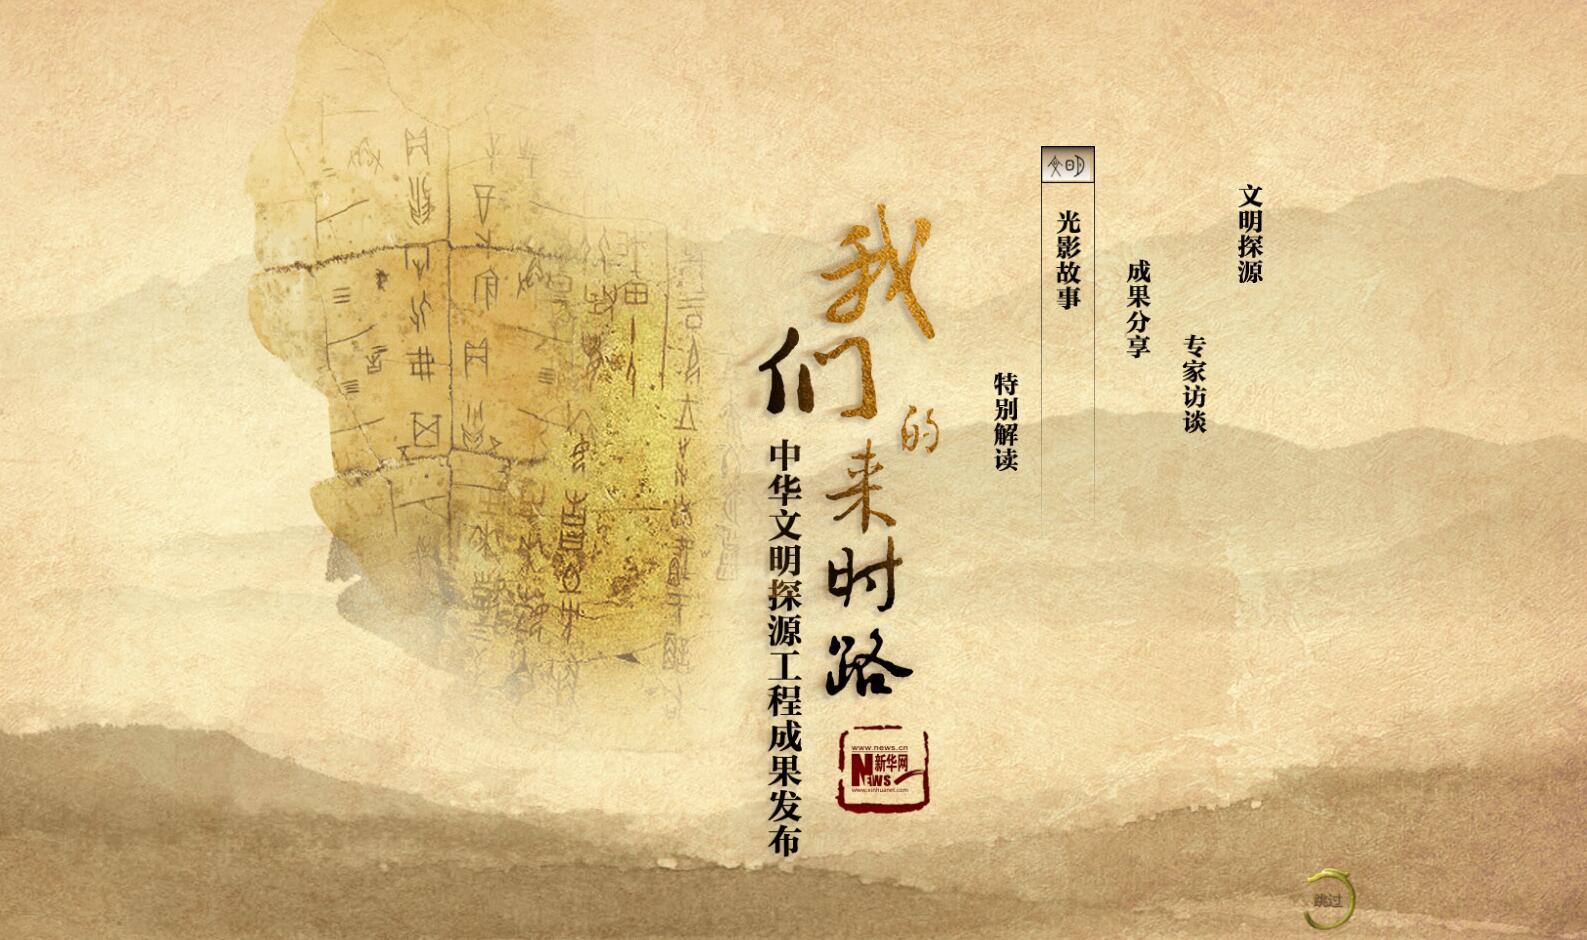 我們的來時路,中華文明探源